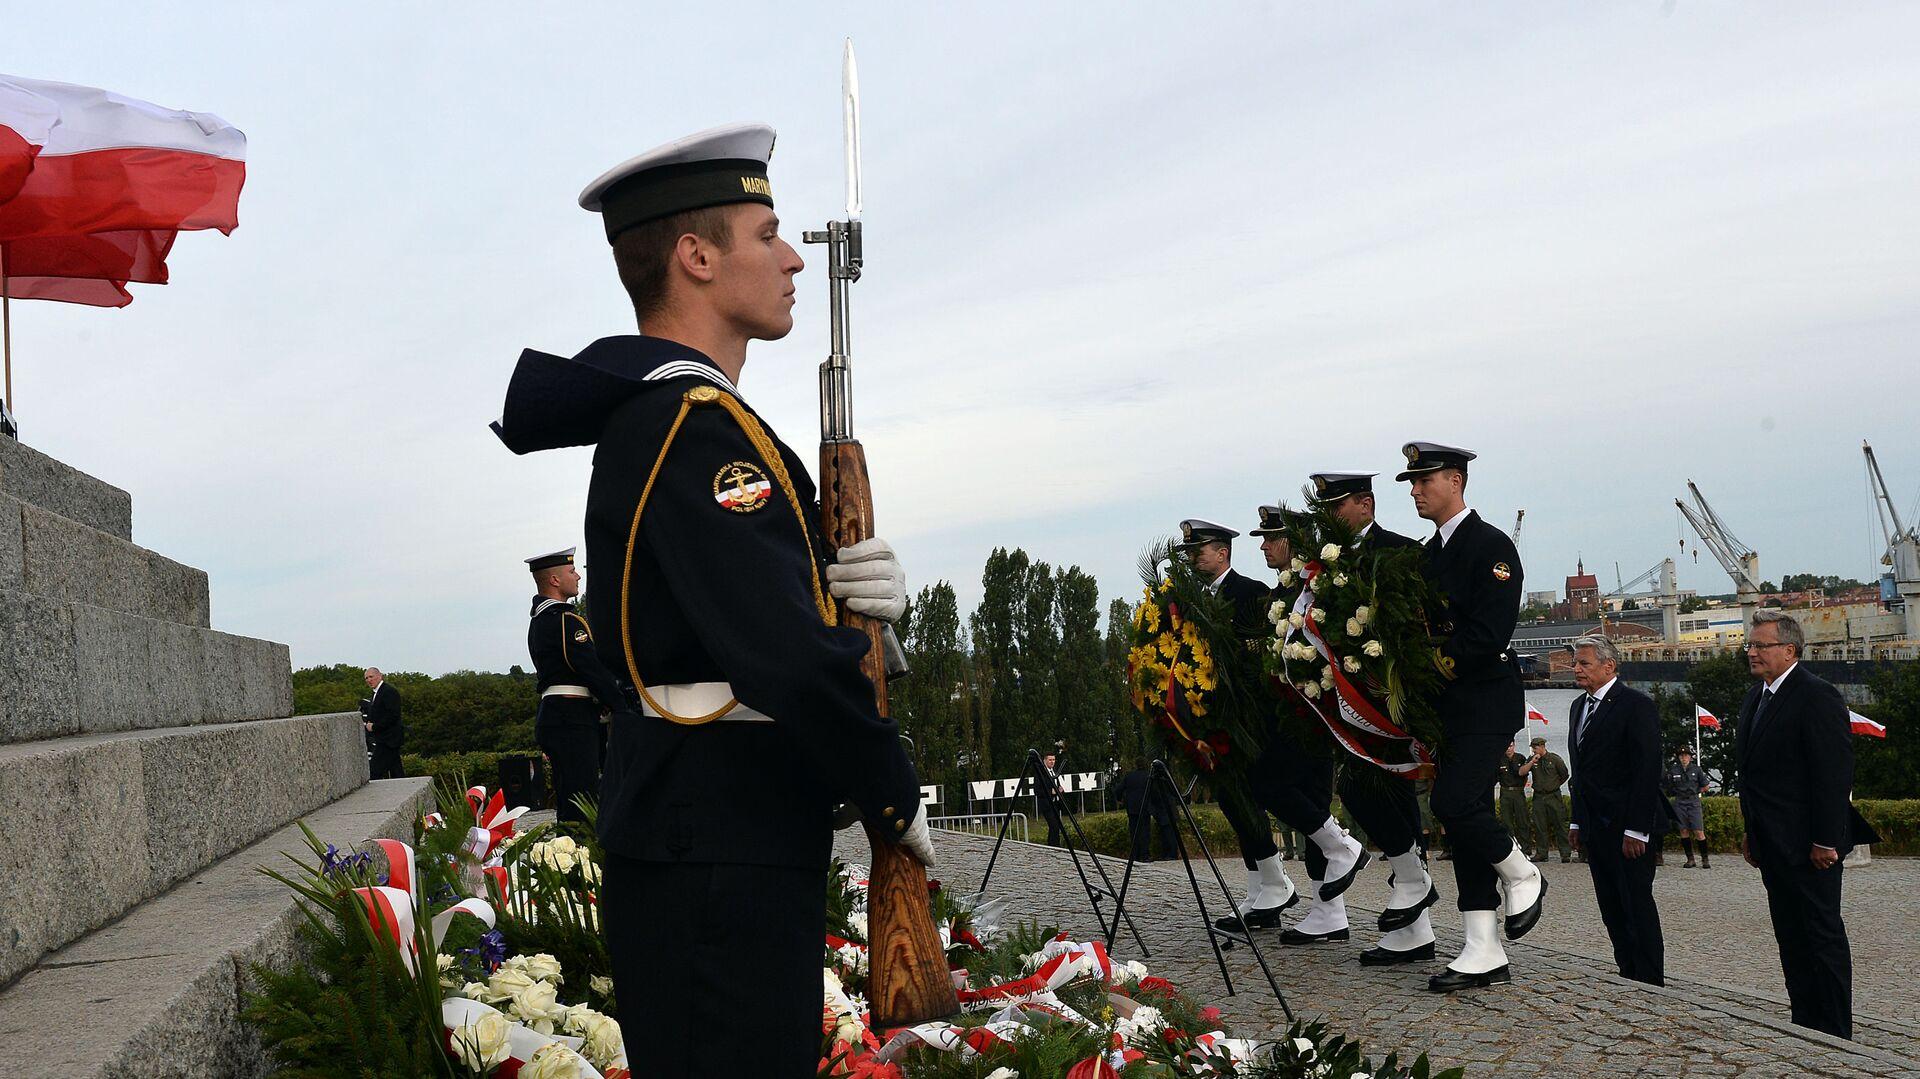 Uroczystości z okazji 75. rocznicy wybuchu II wojny światowej w Gdańsku. Zdjęcie archiwalne - Sputnik Polska, 1920, 01.09.2021